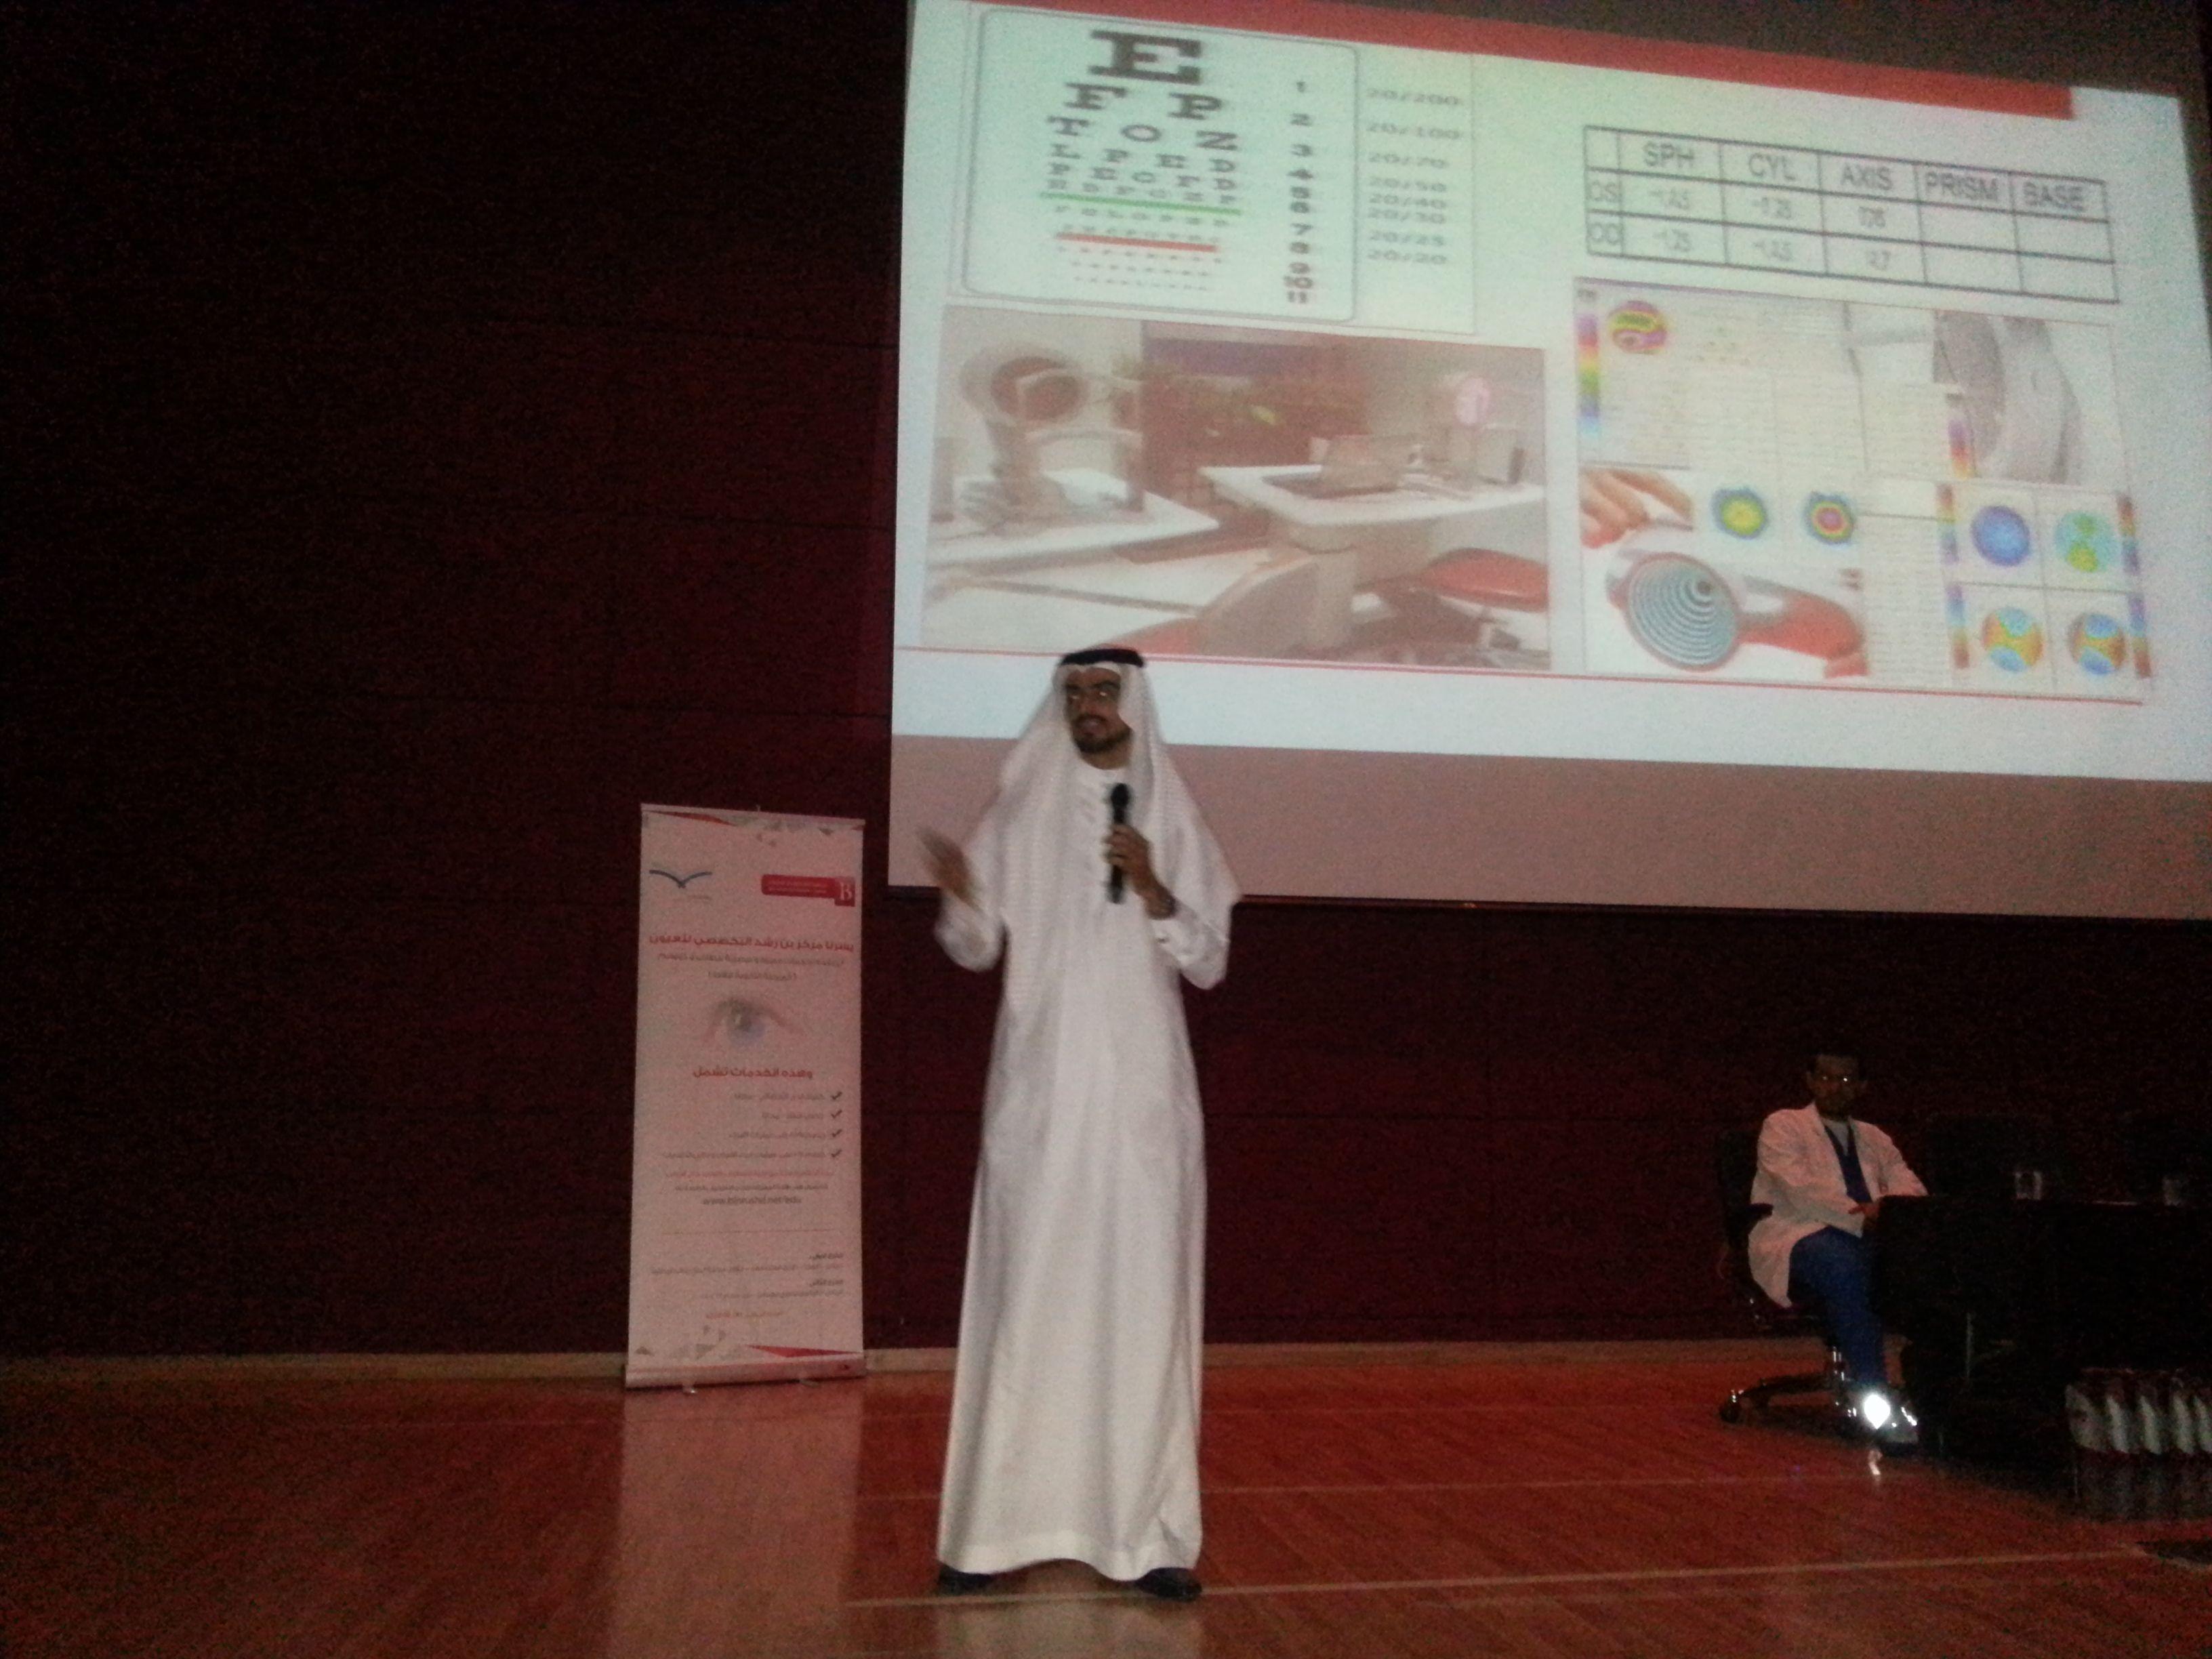 جانب من المحاضرات الطبية التي يقدما المركز بالتعاون مع وزارة التربية والتعليم Exhibition Home Decor Decor